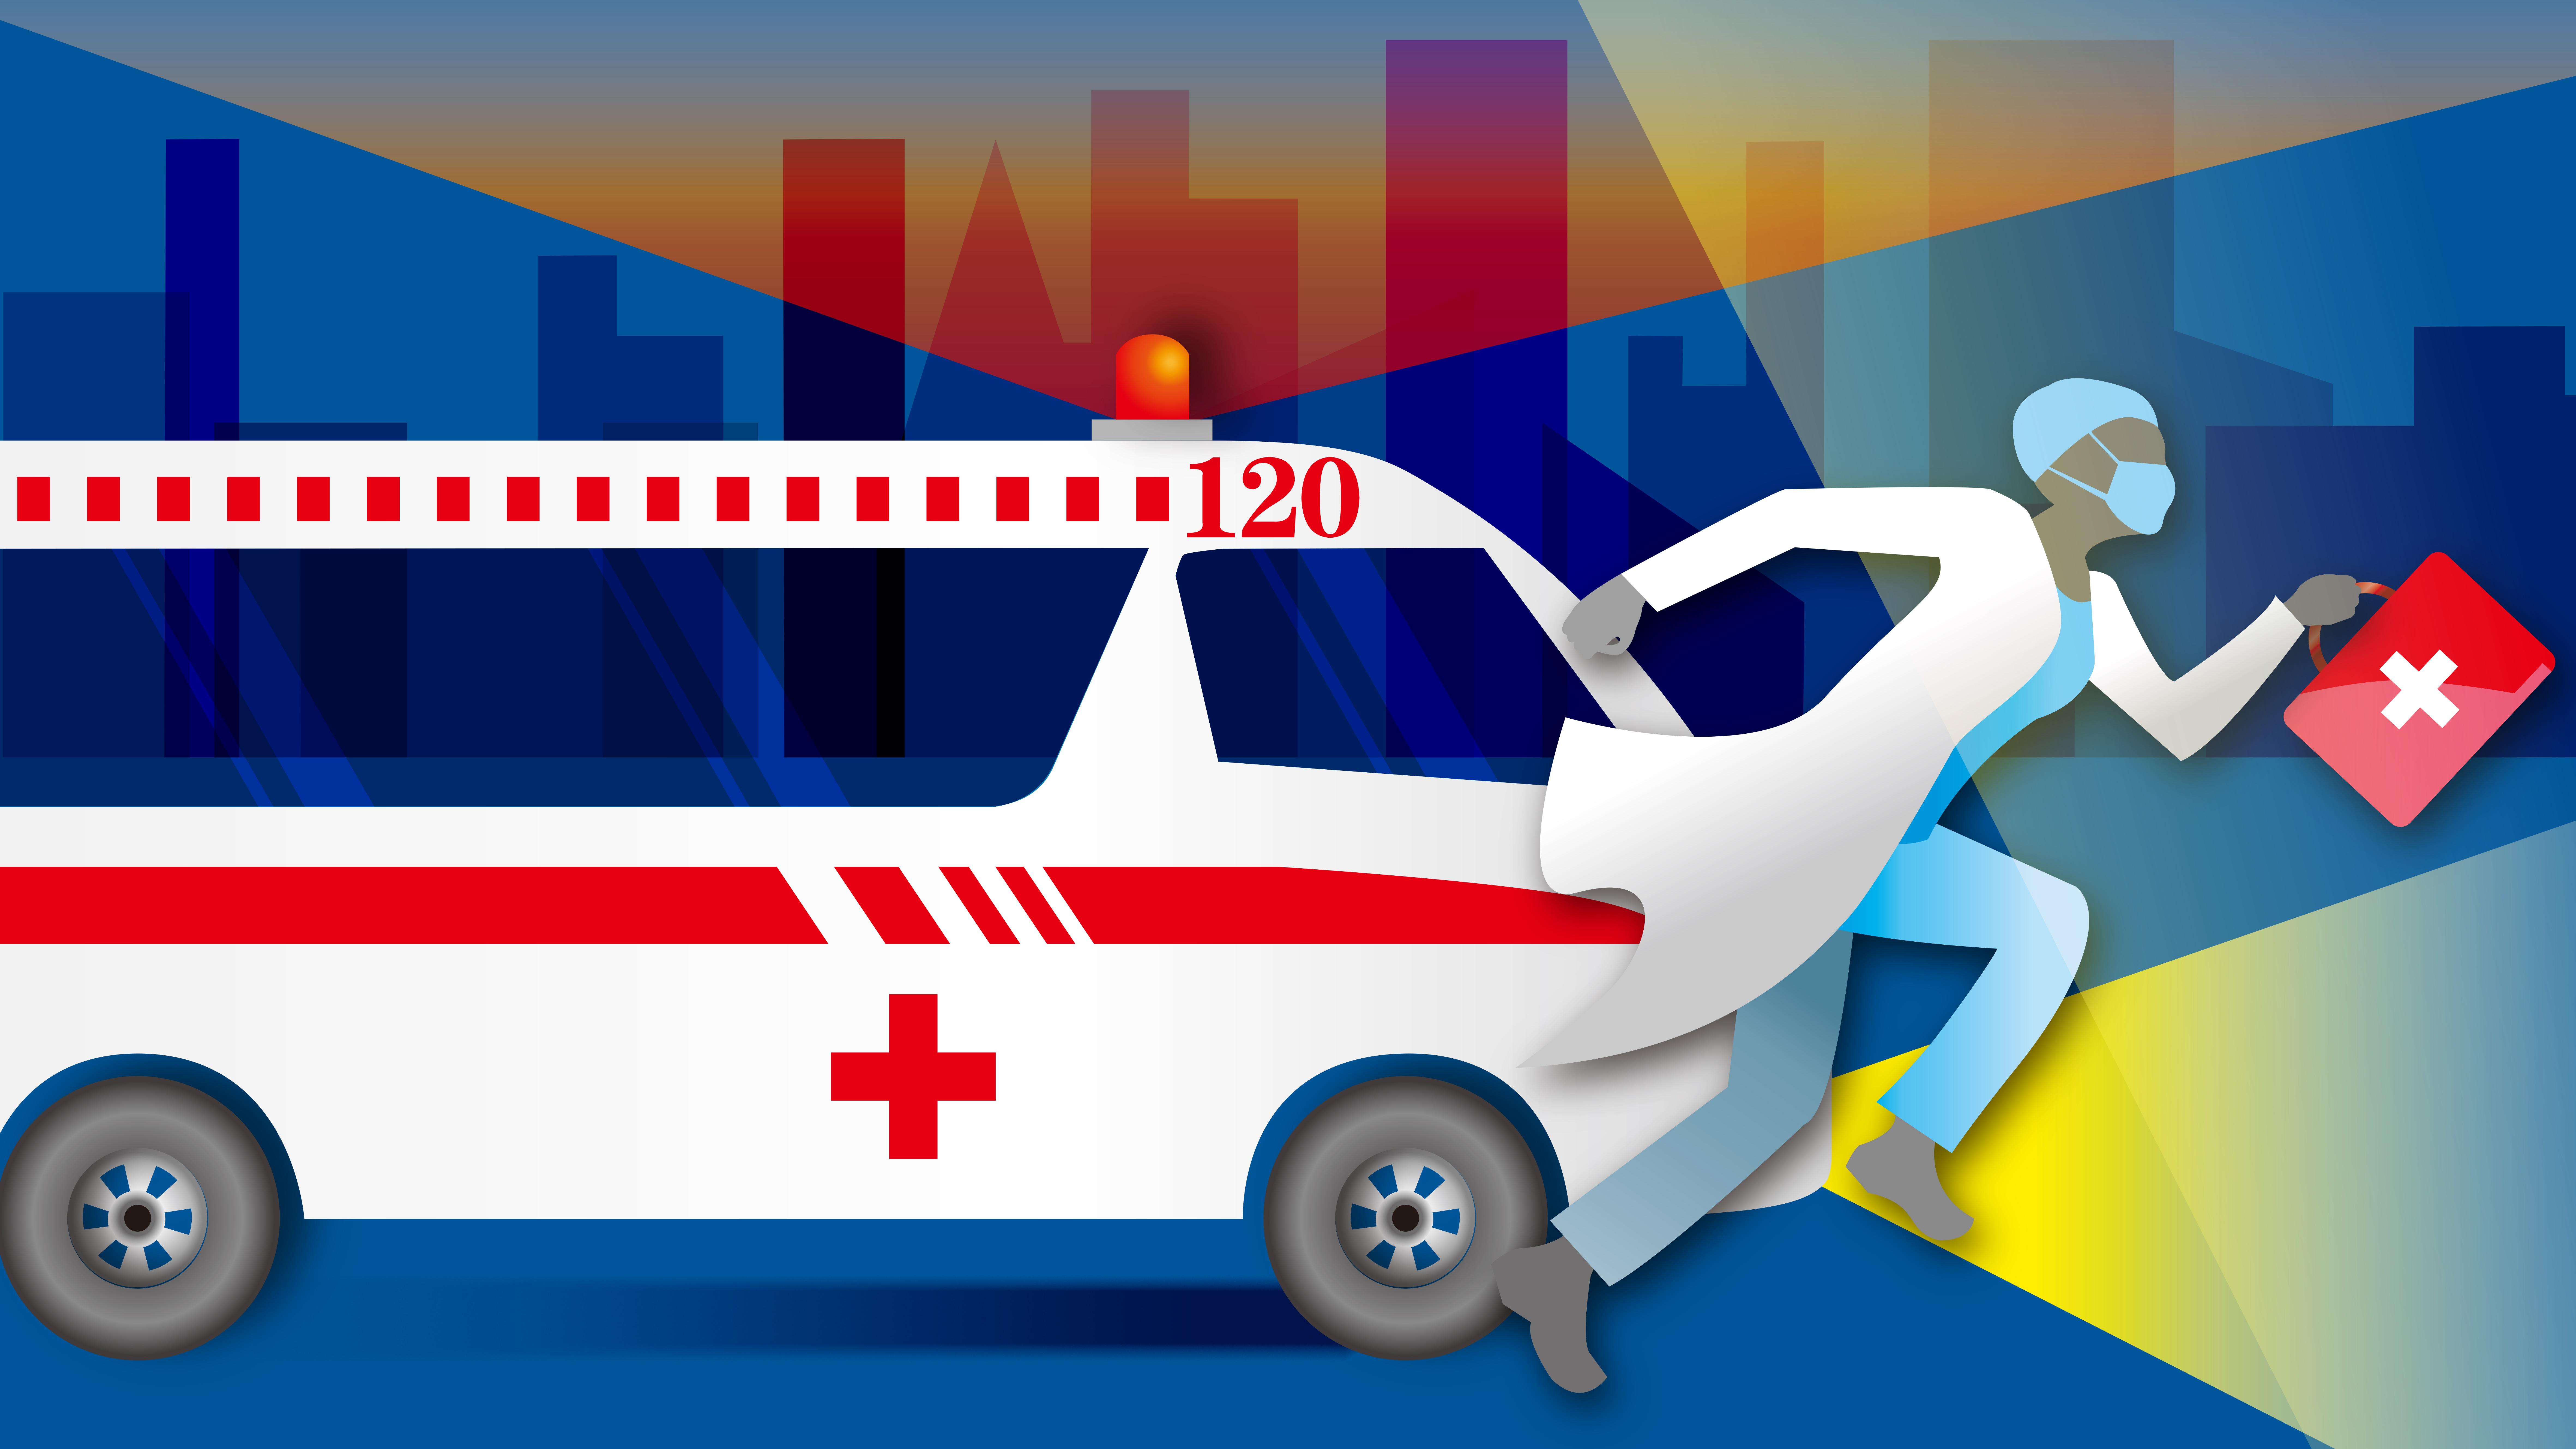 救護車冷知識:車頭標識為啥反著寫?視頻